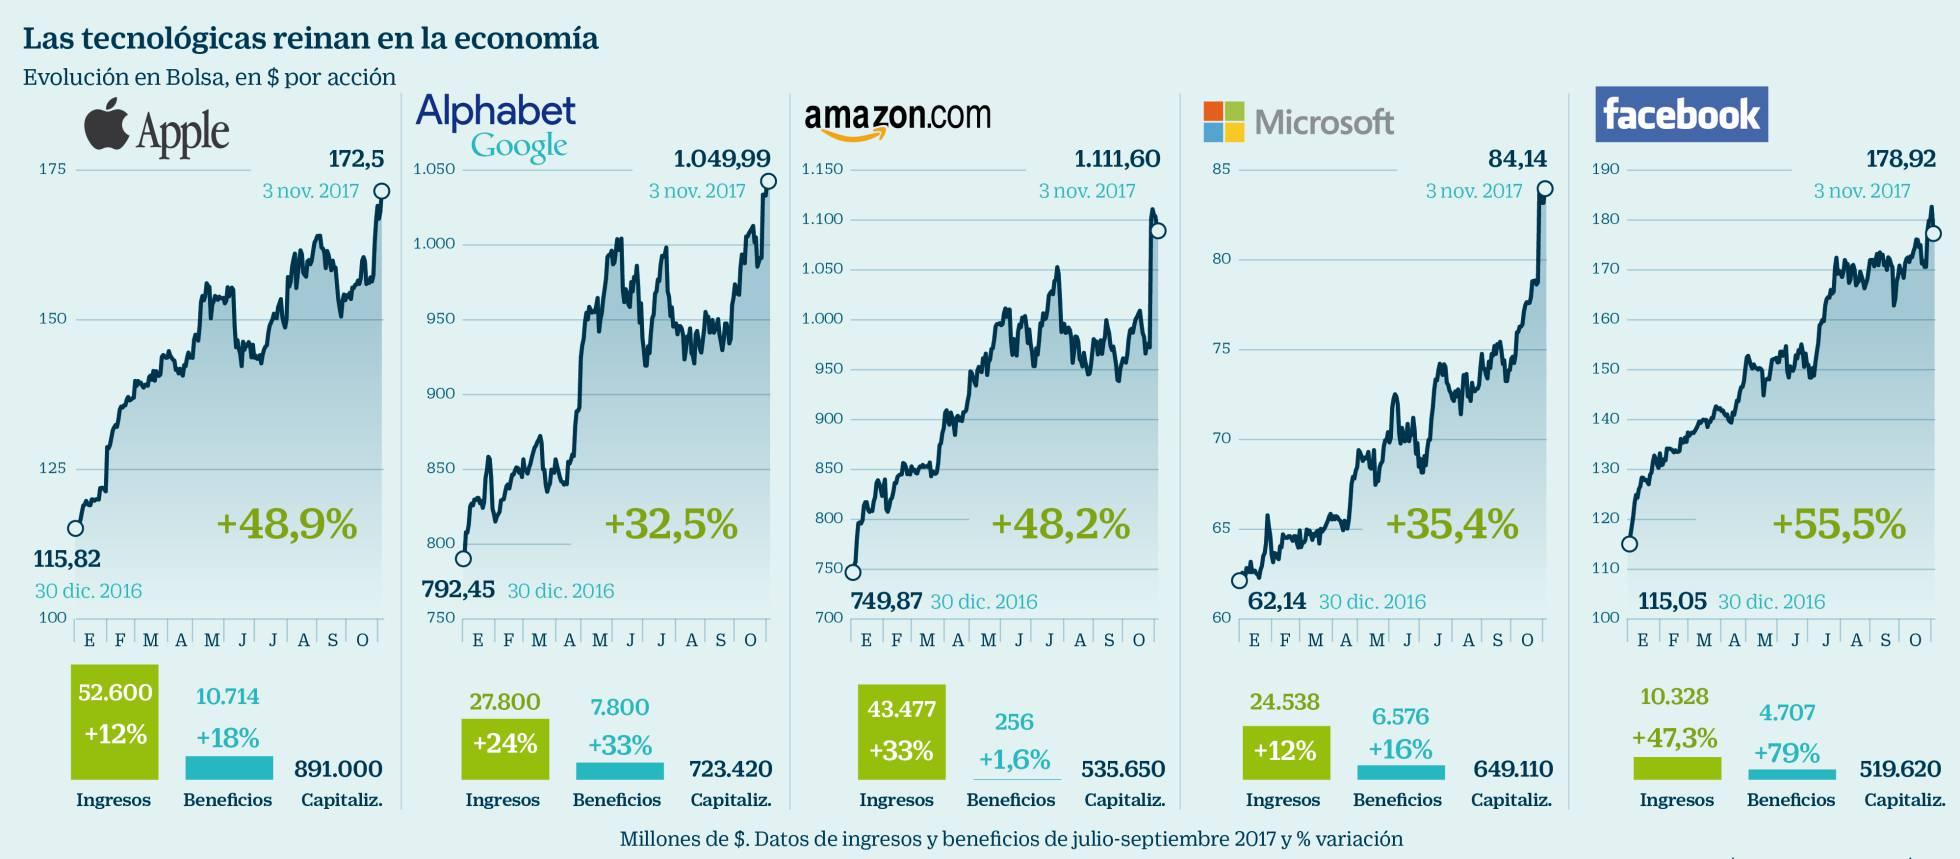 Corporacione$ transnacionales. 1509740456_998049_1509753727_noticia_normal_recorte1